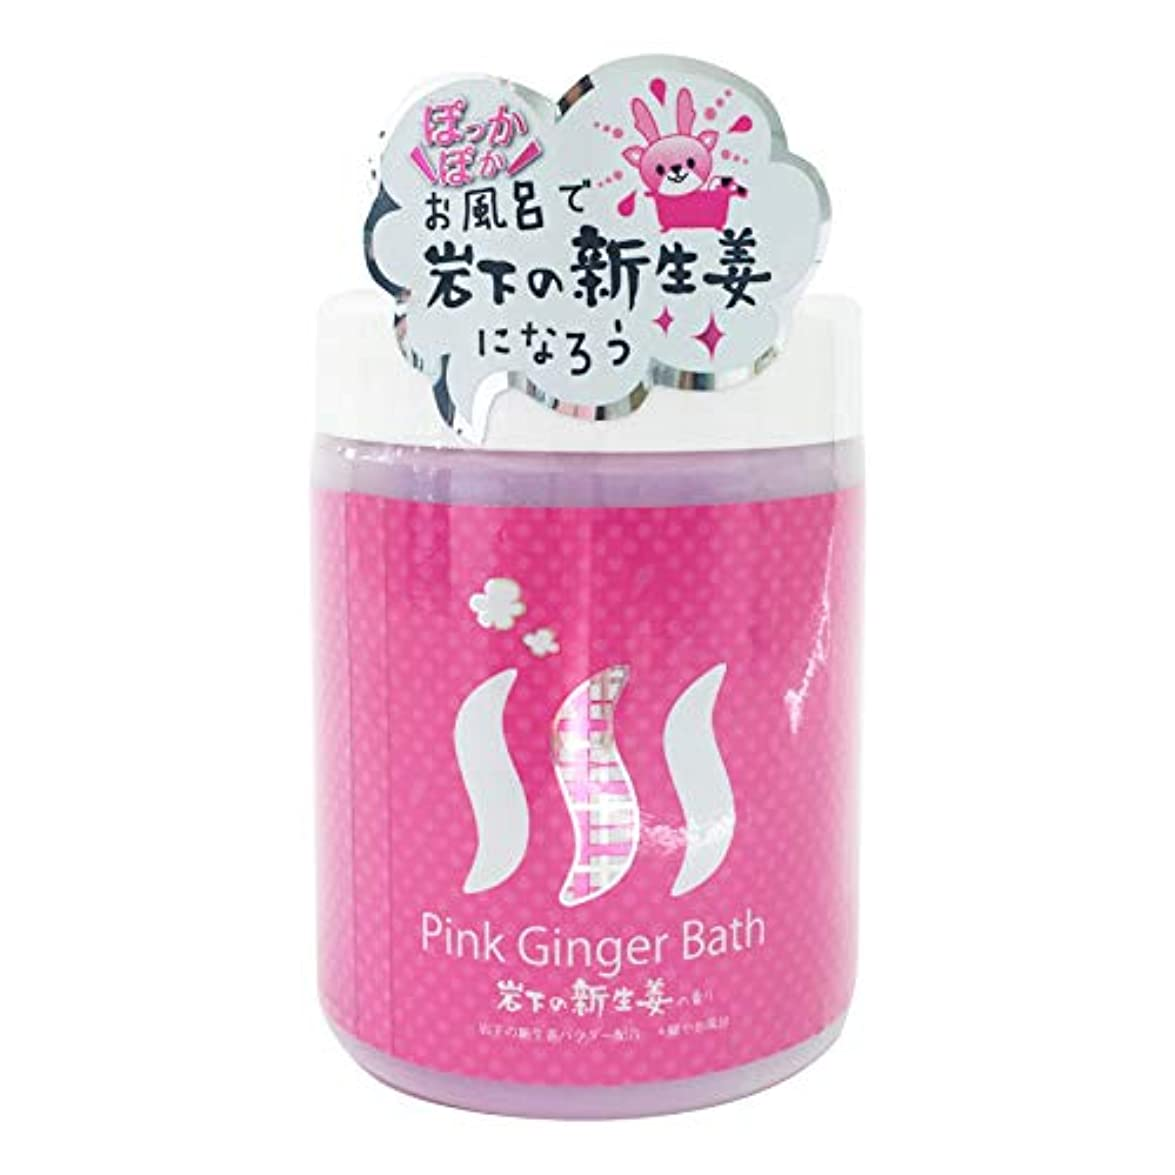 インポート弁護人ショルダーピンクジンジャーバス 入浴剤 岩下の新生姜の香り 370g(7回分)